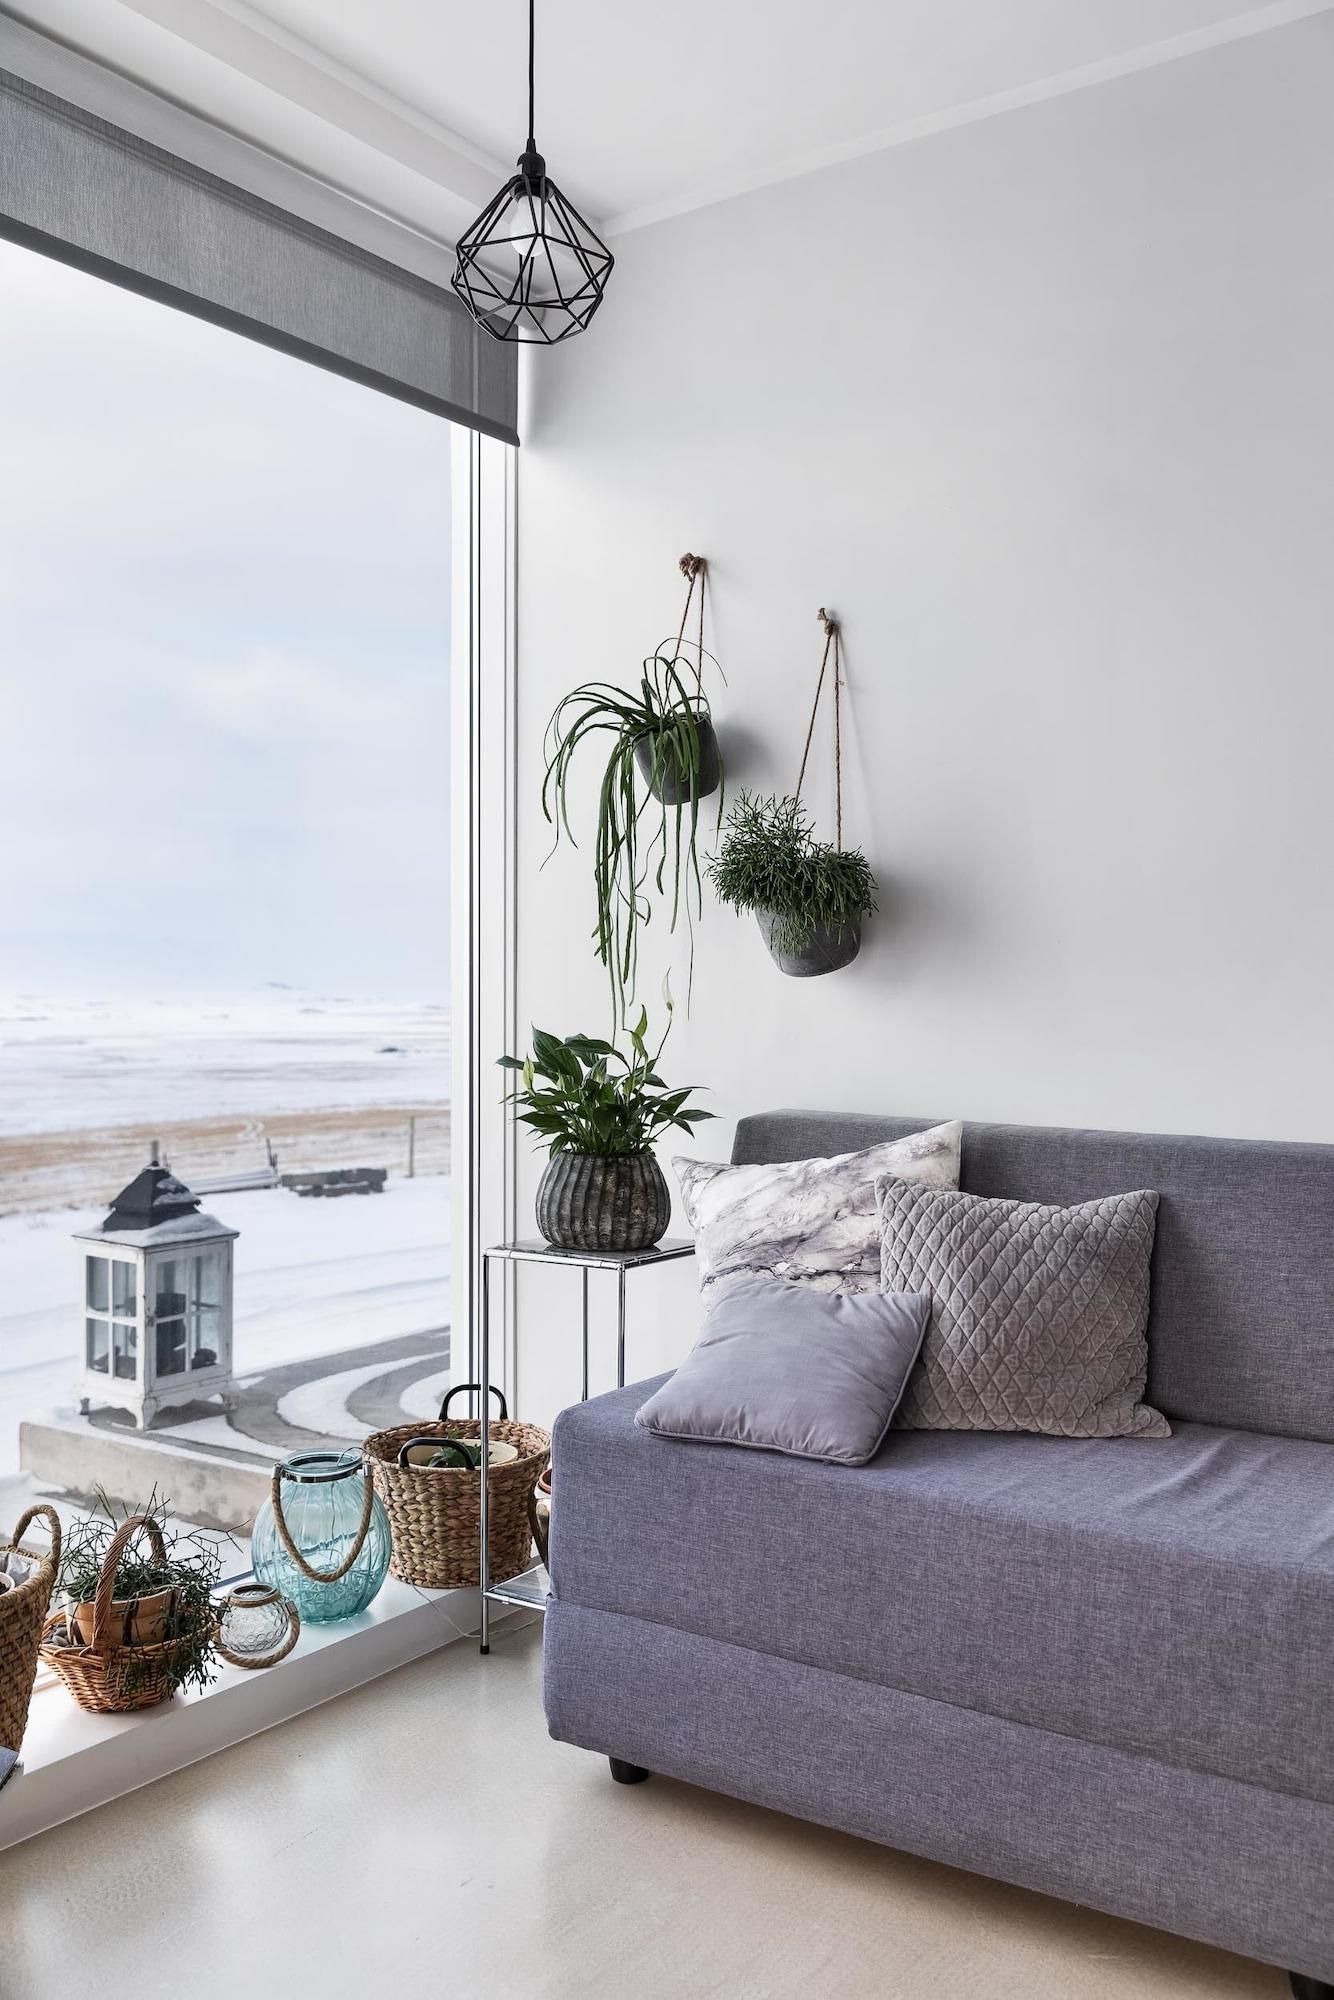 Brekkukot Luxury Farmhouse, Sveitarfélagið Skagafjörður